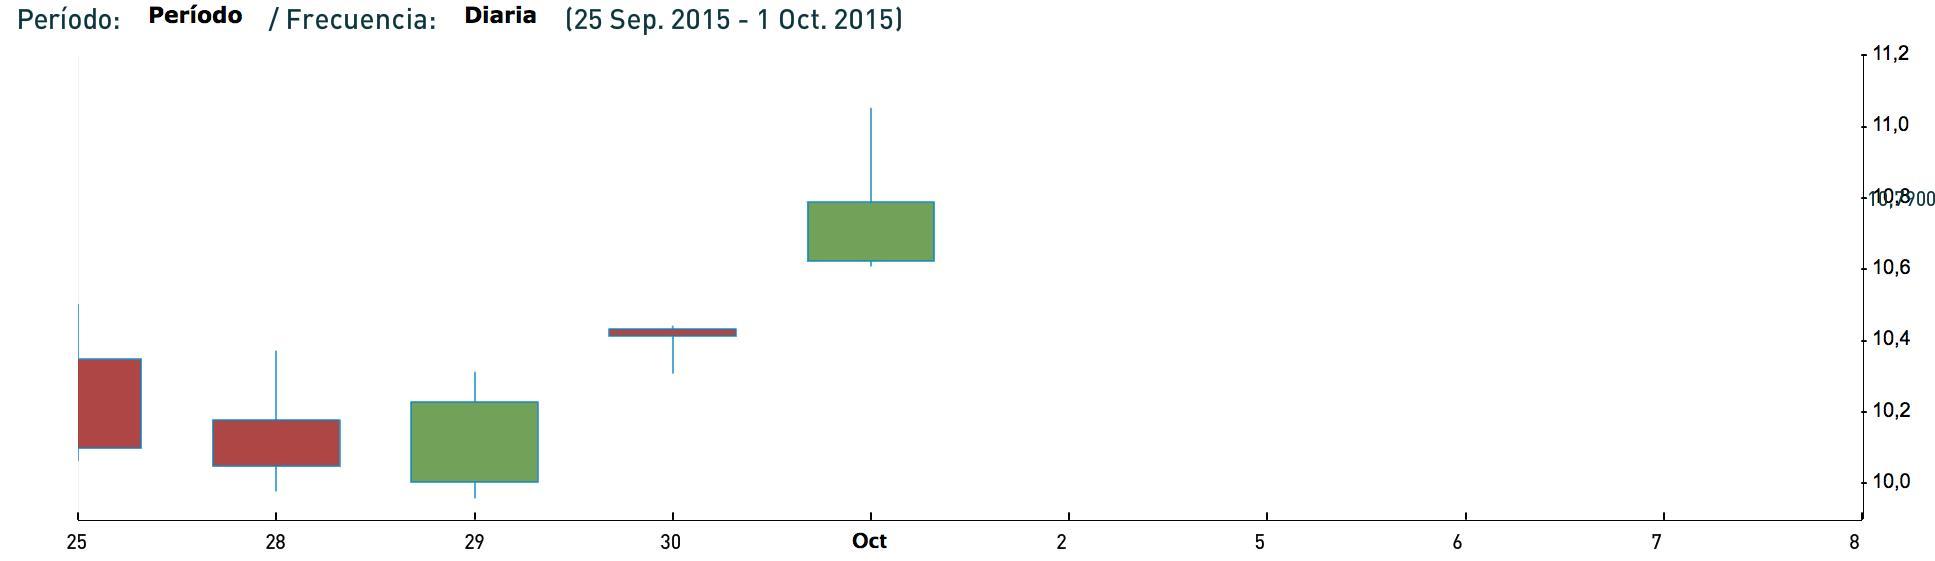 Cotizacion Repsol ultima semana septiembre 2015